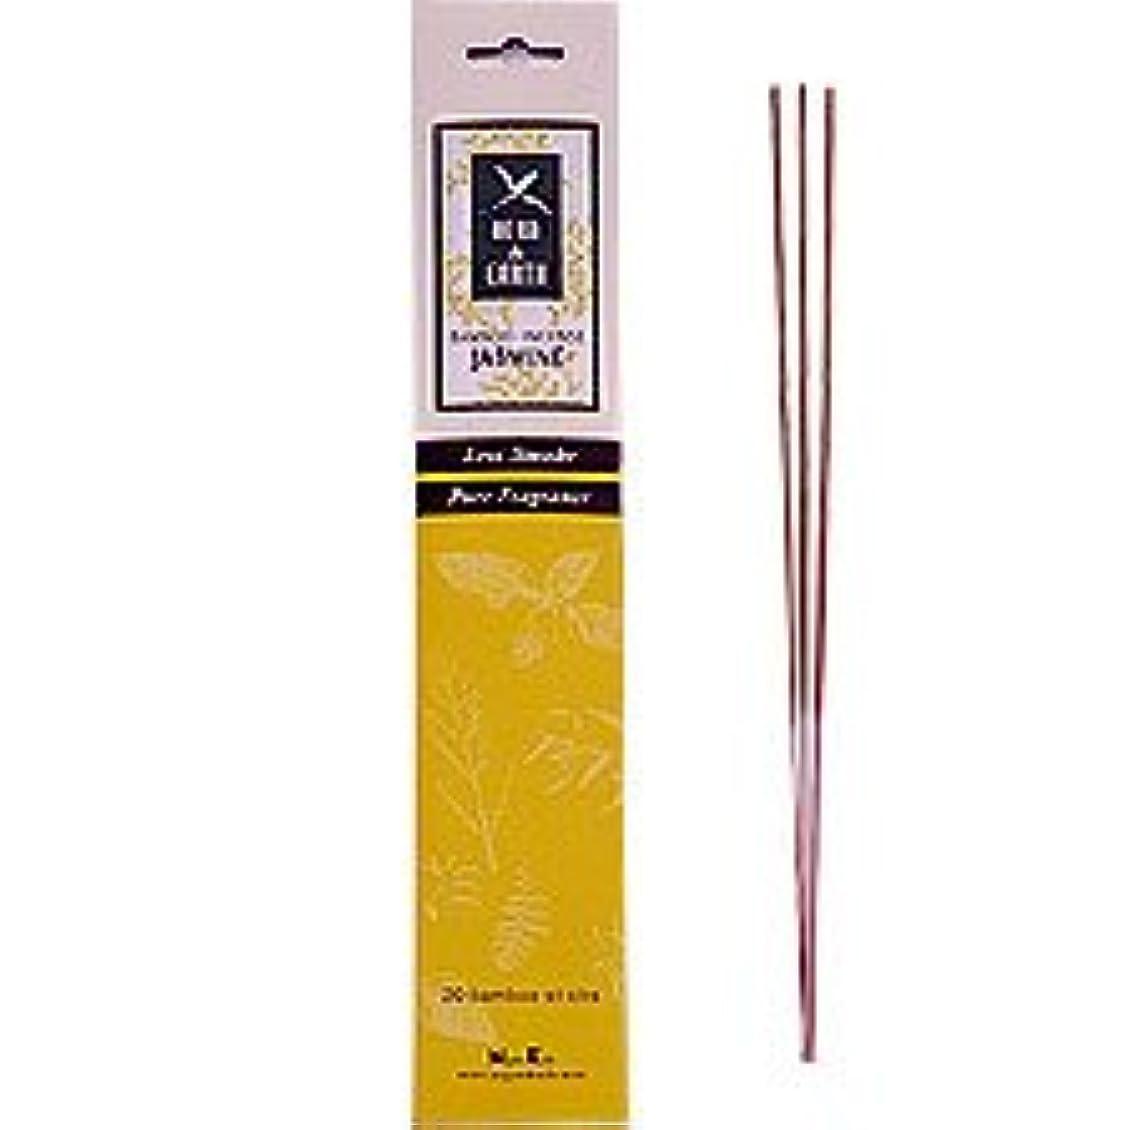 時期尚早夕食を作るロッカージャスミン – Herb and Earth IncenseからNippon Kodo – 20スティックパッケージ